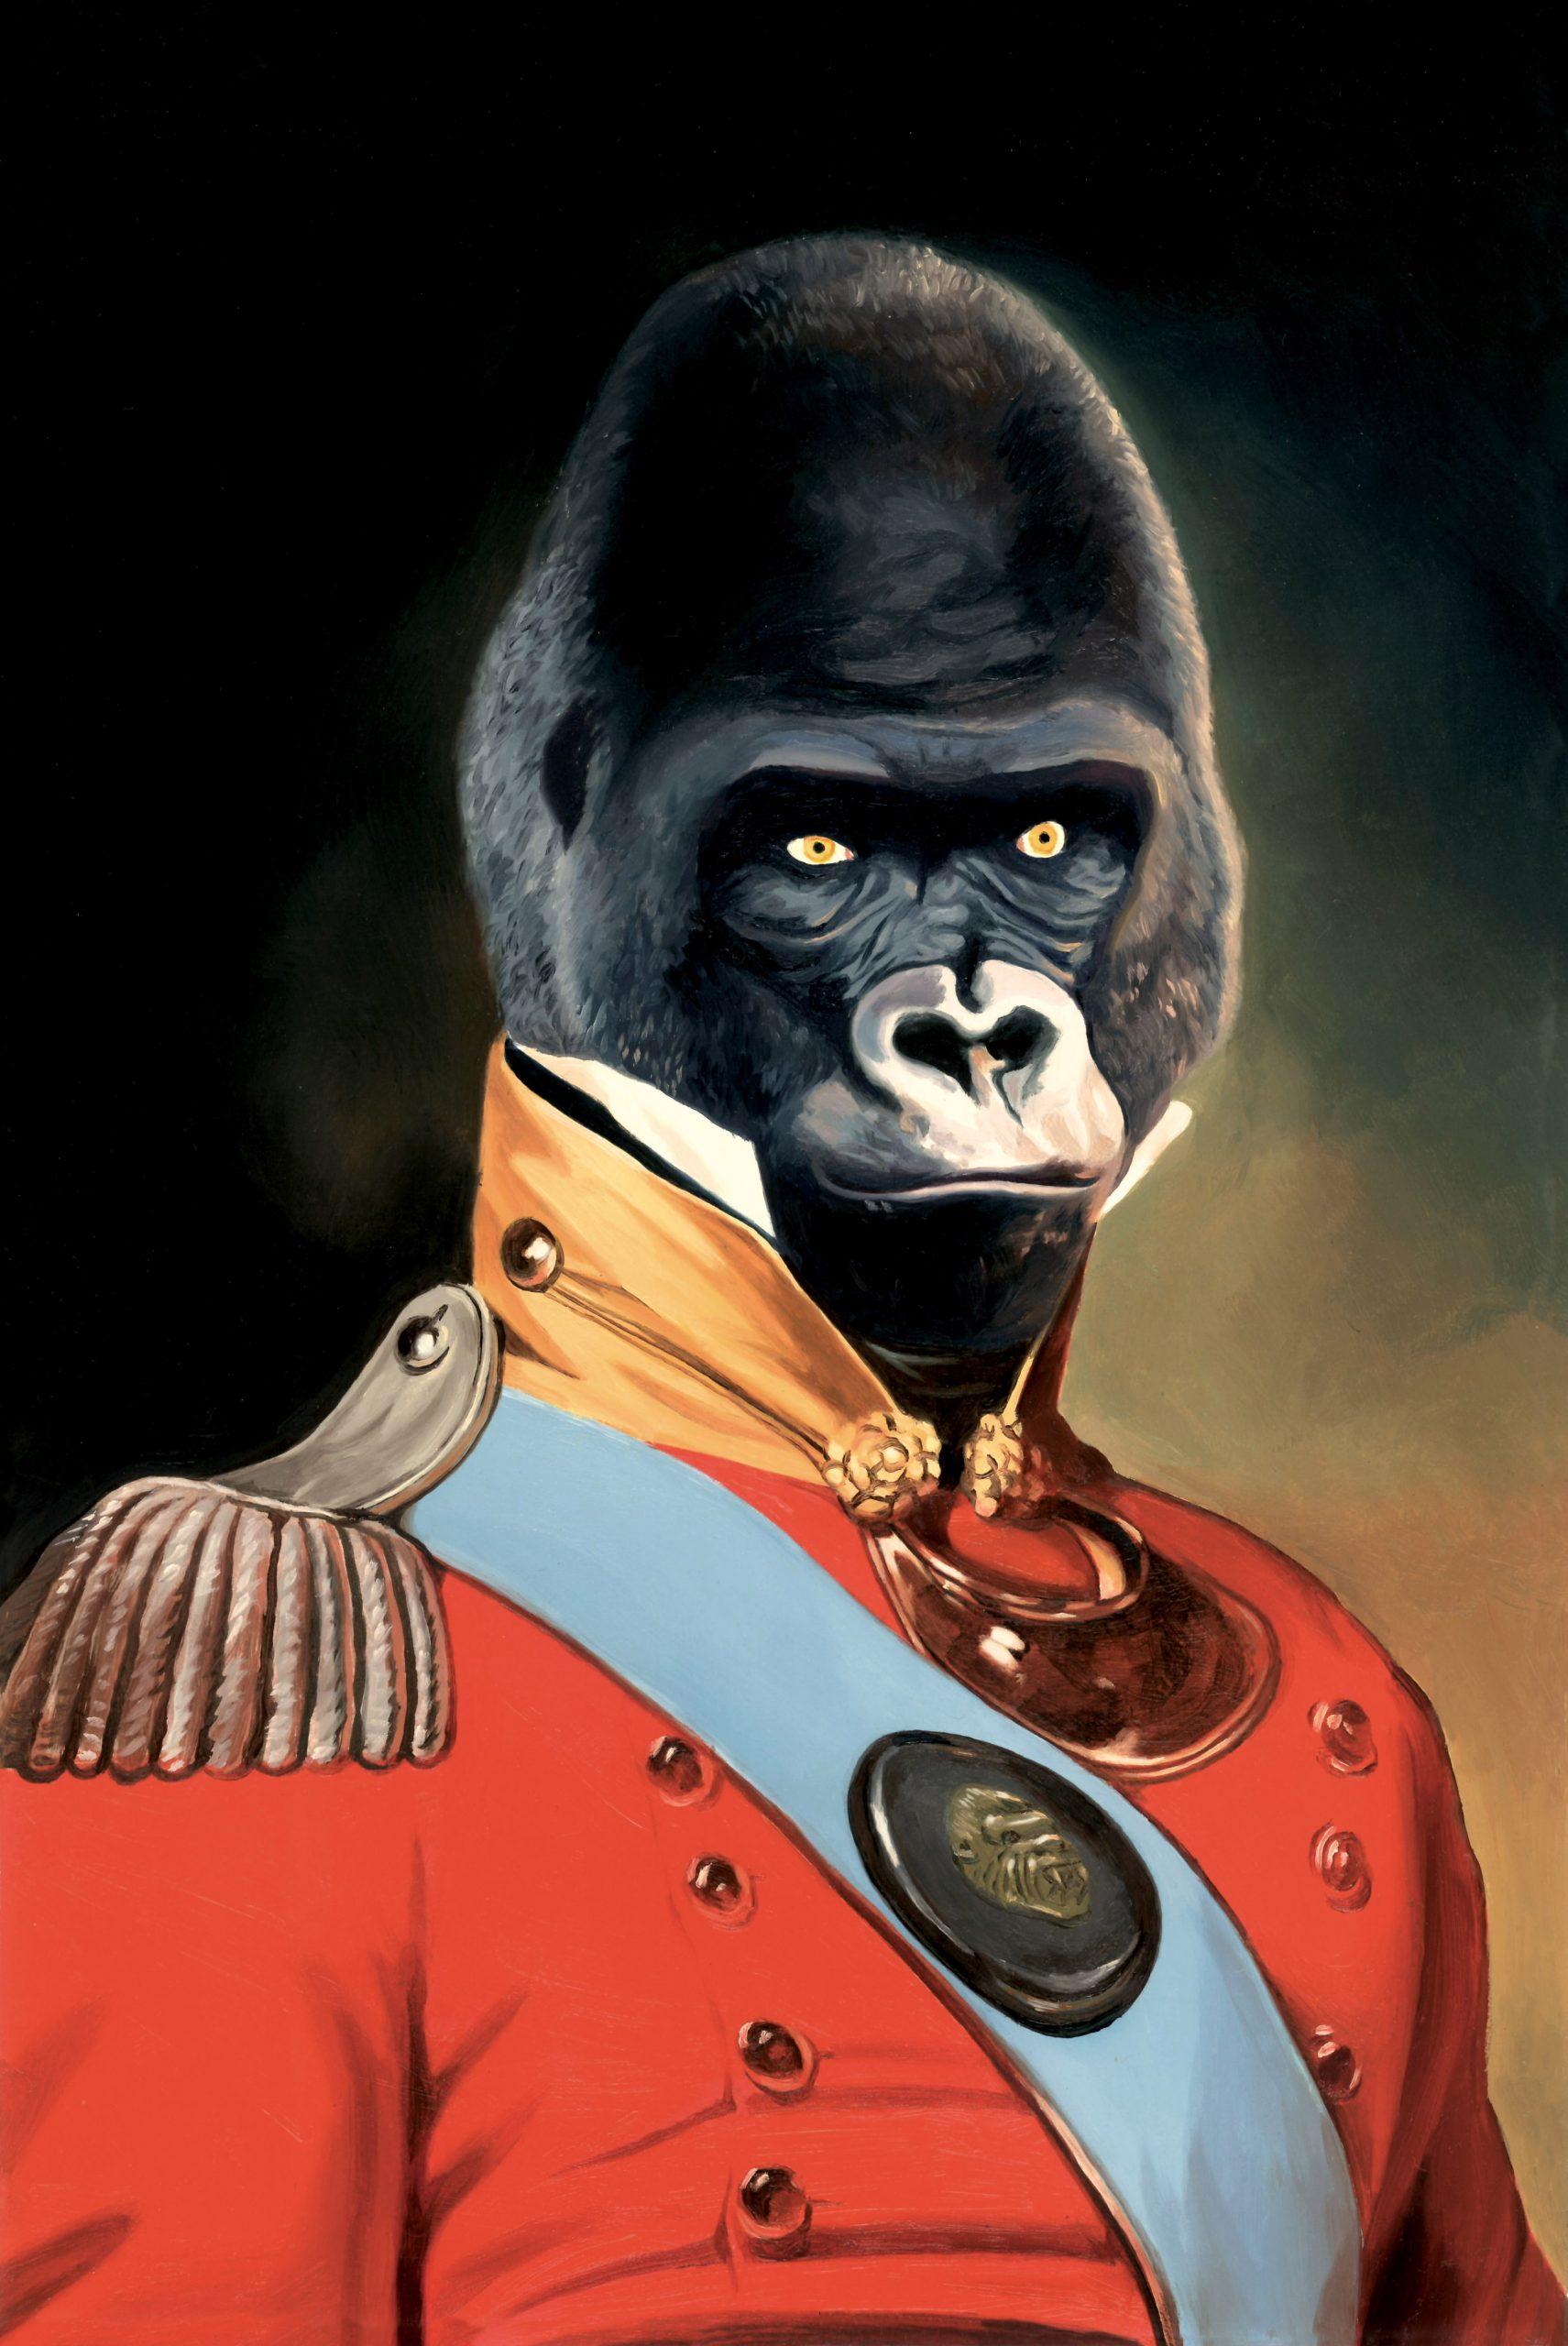 David de las Heras El planeta de los simios